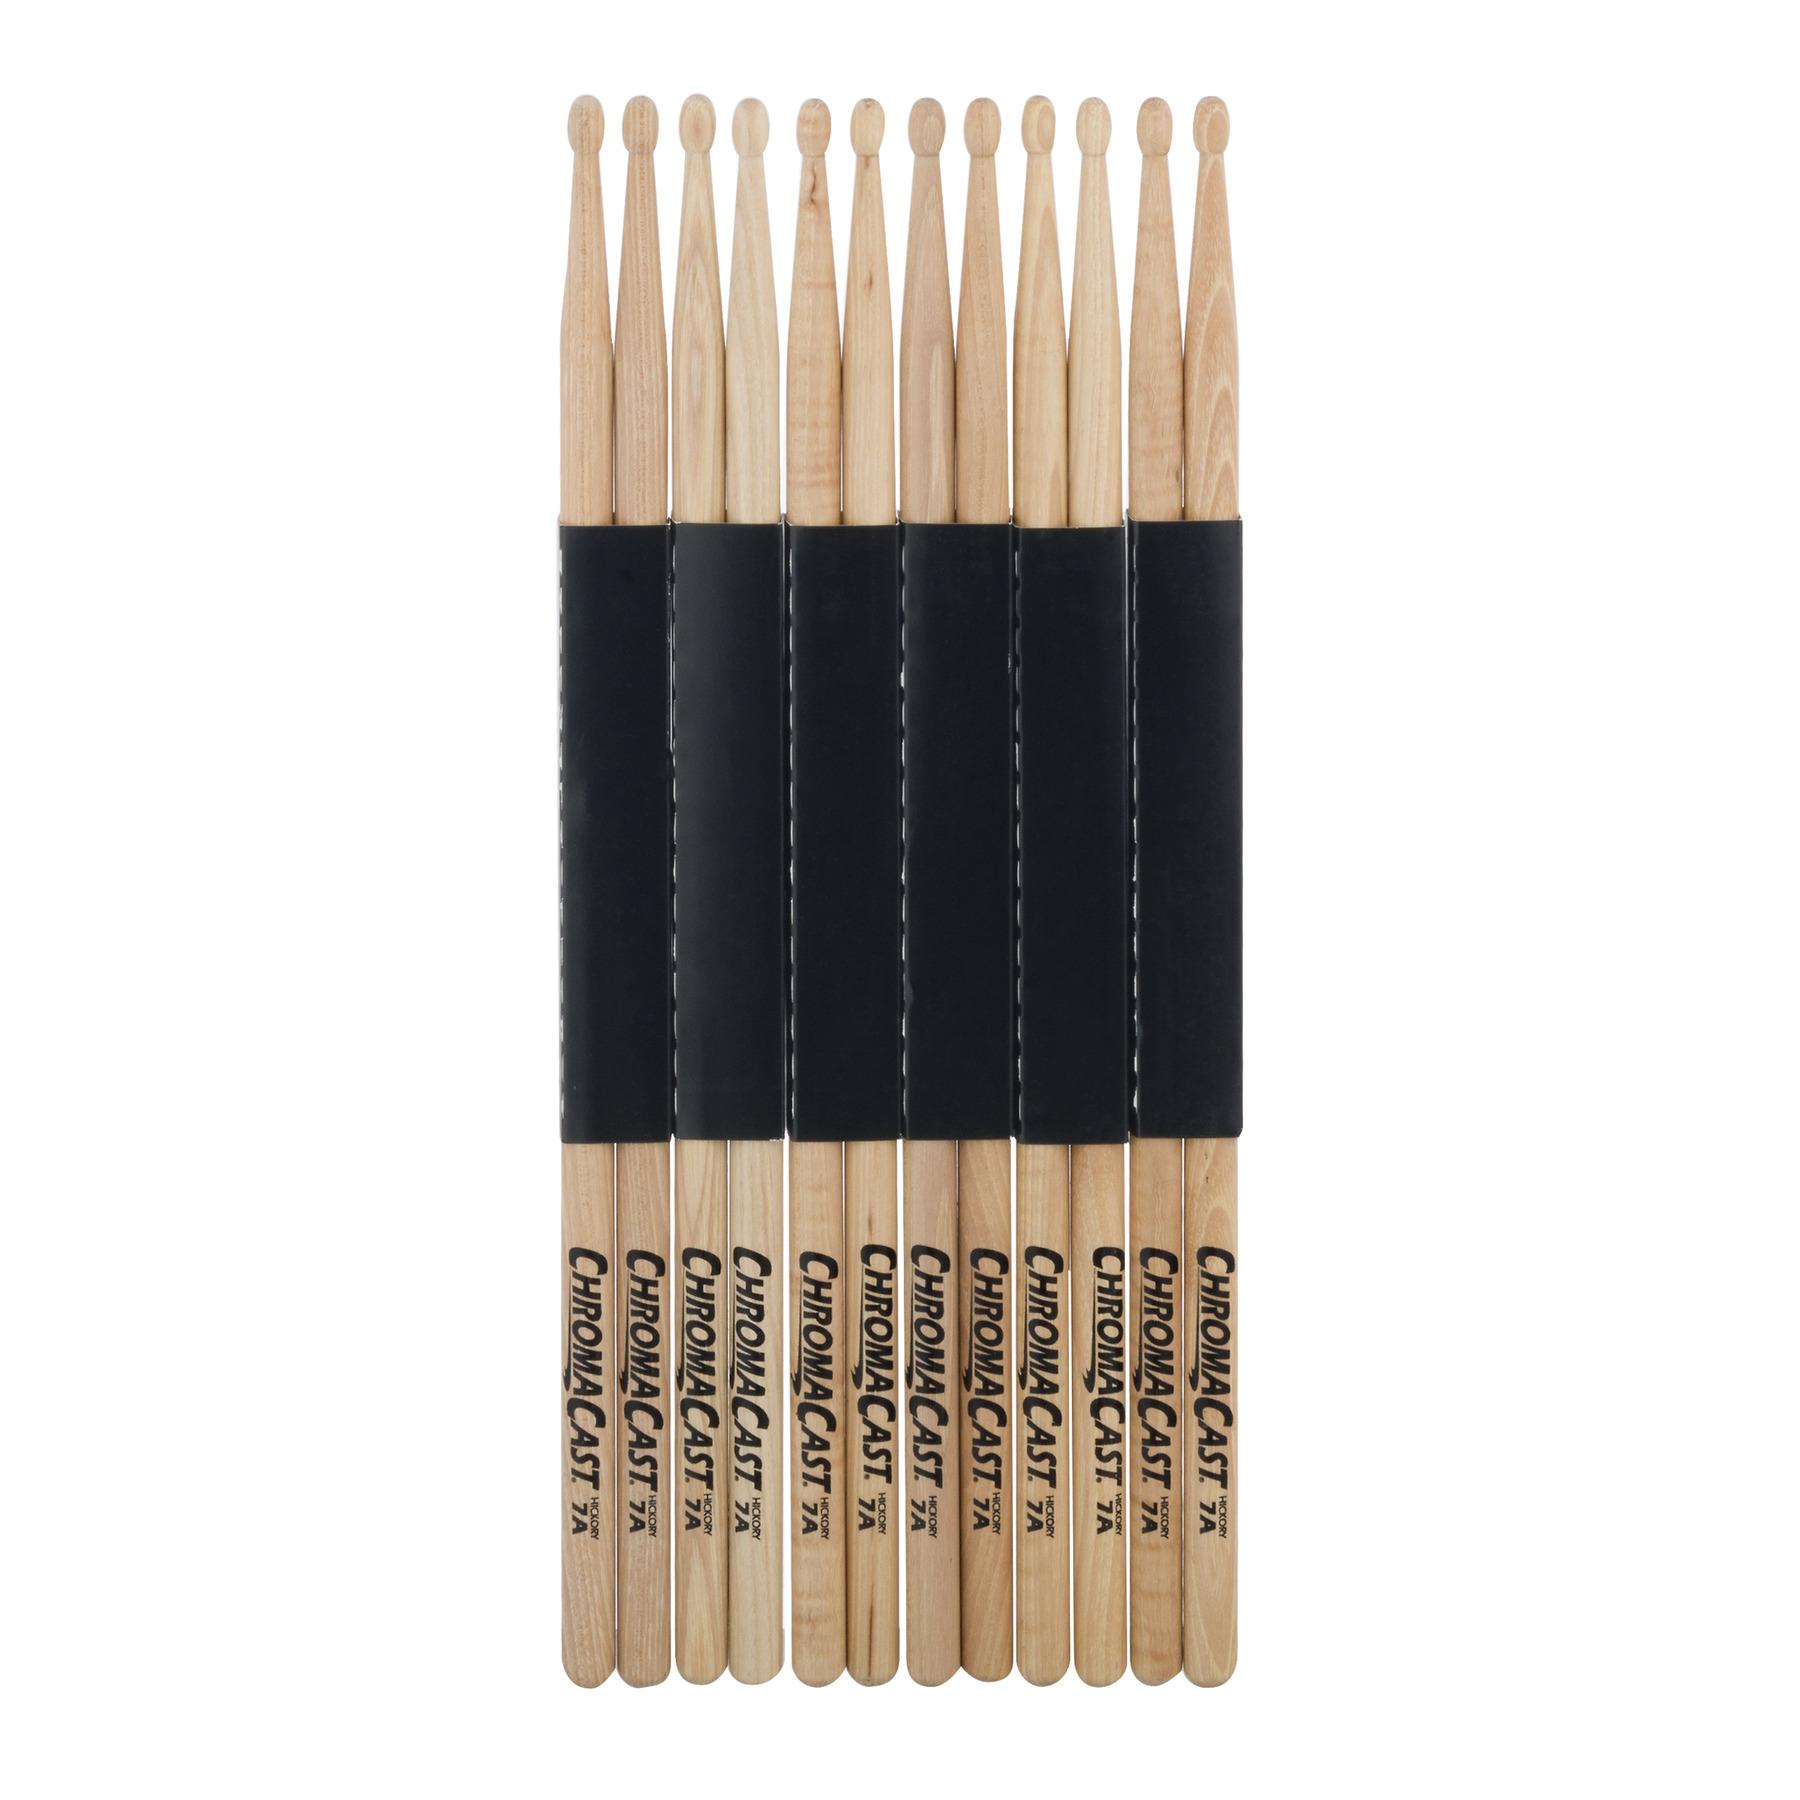 Chroma Cast Hickory 7a Drumsticks, 6.0 PR